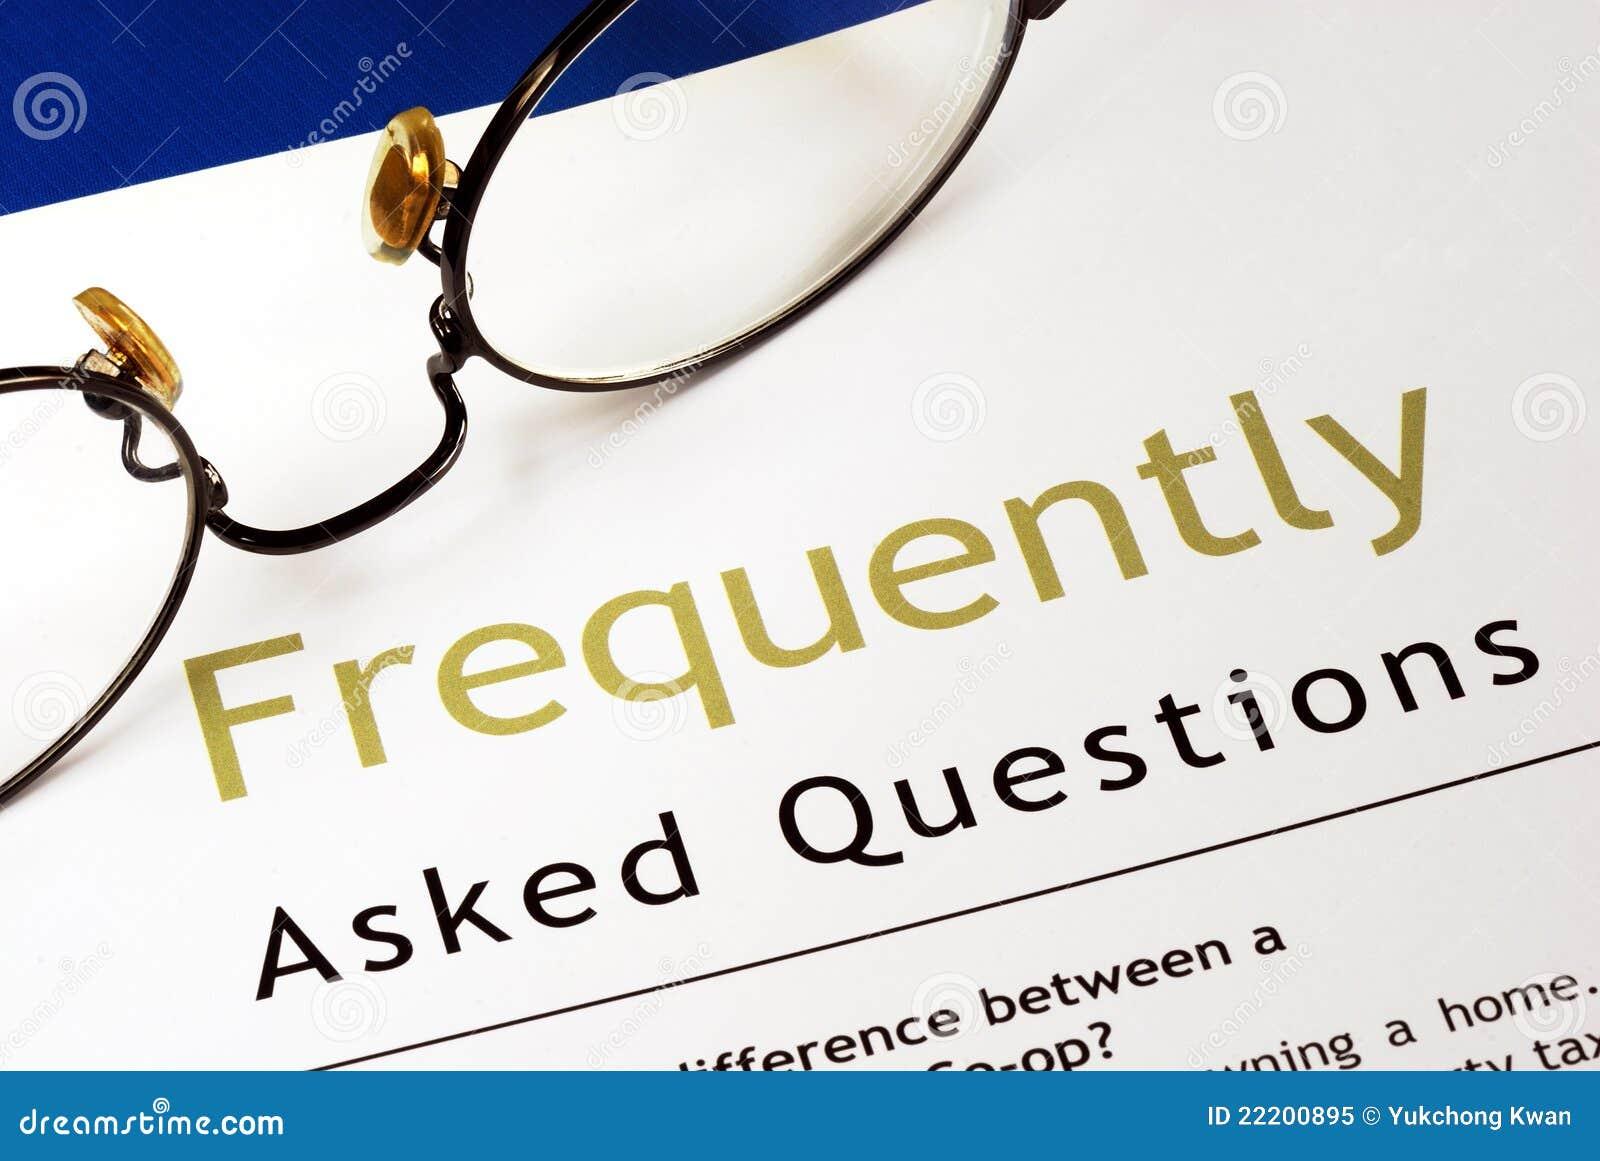 Häufig gestellte Fragen (FAQ)